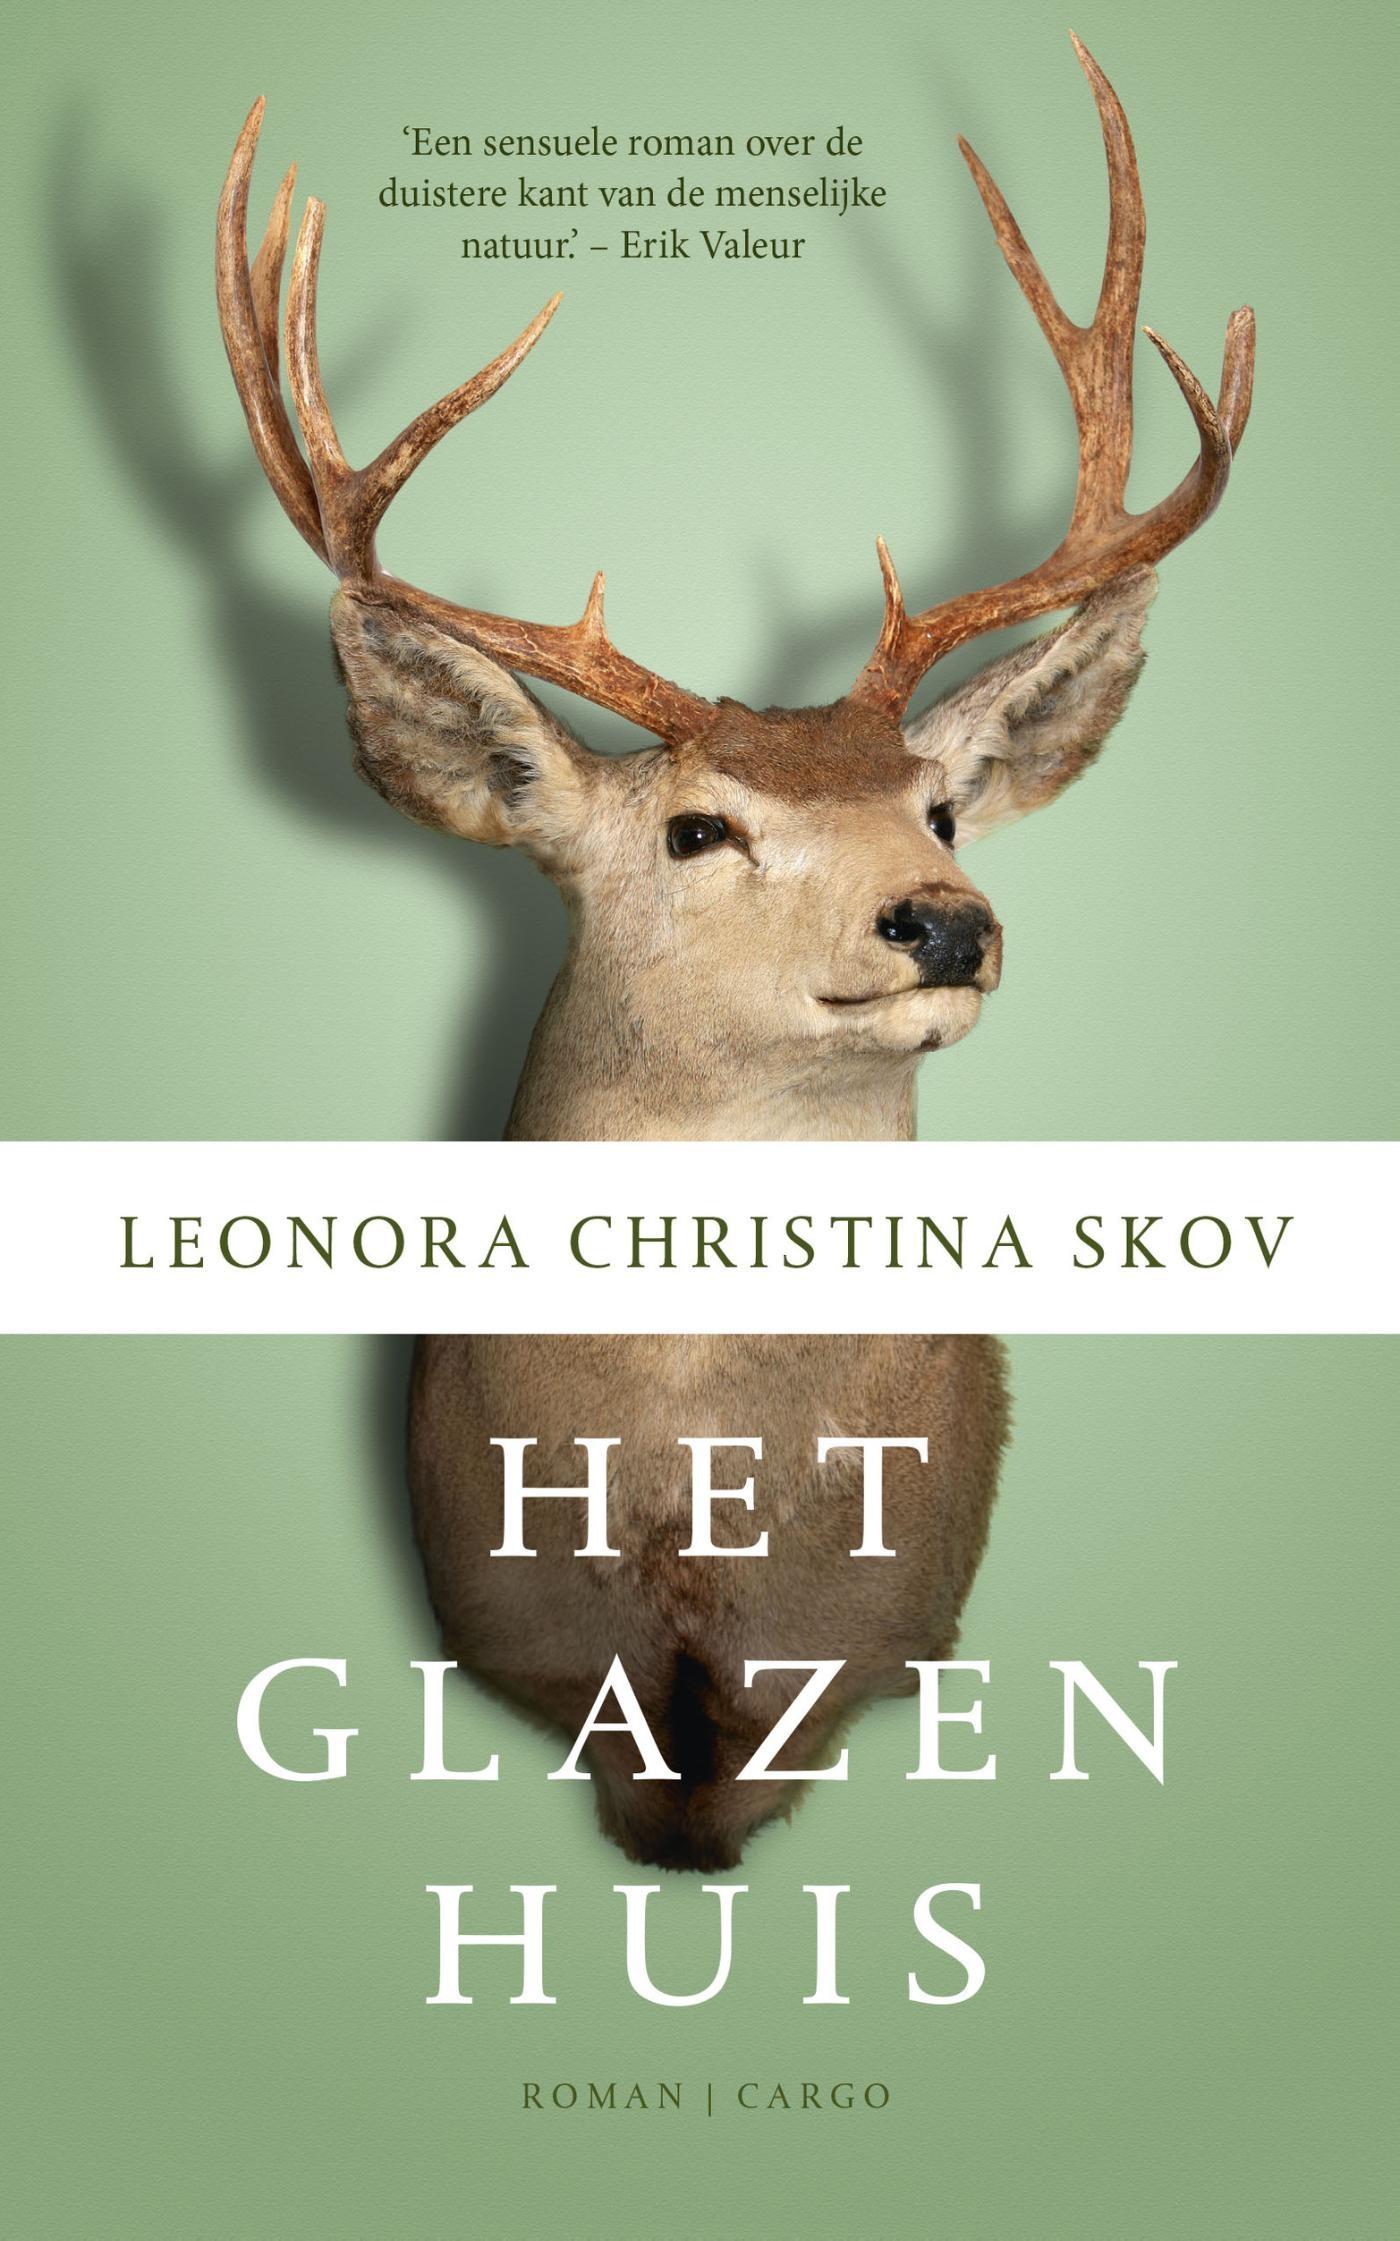 Het glazen huis – Leonora Christina Skov